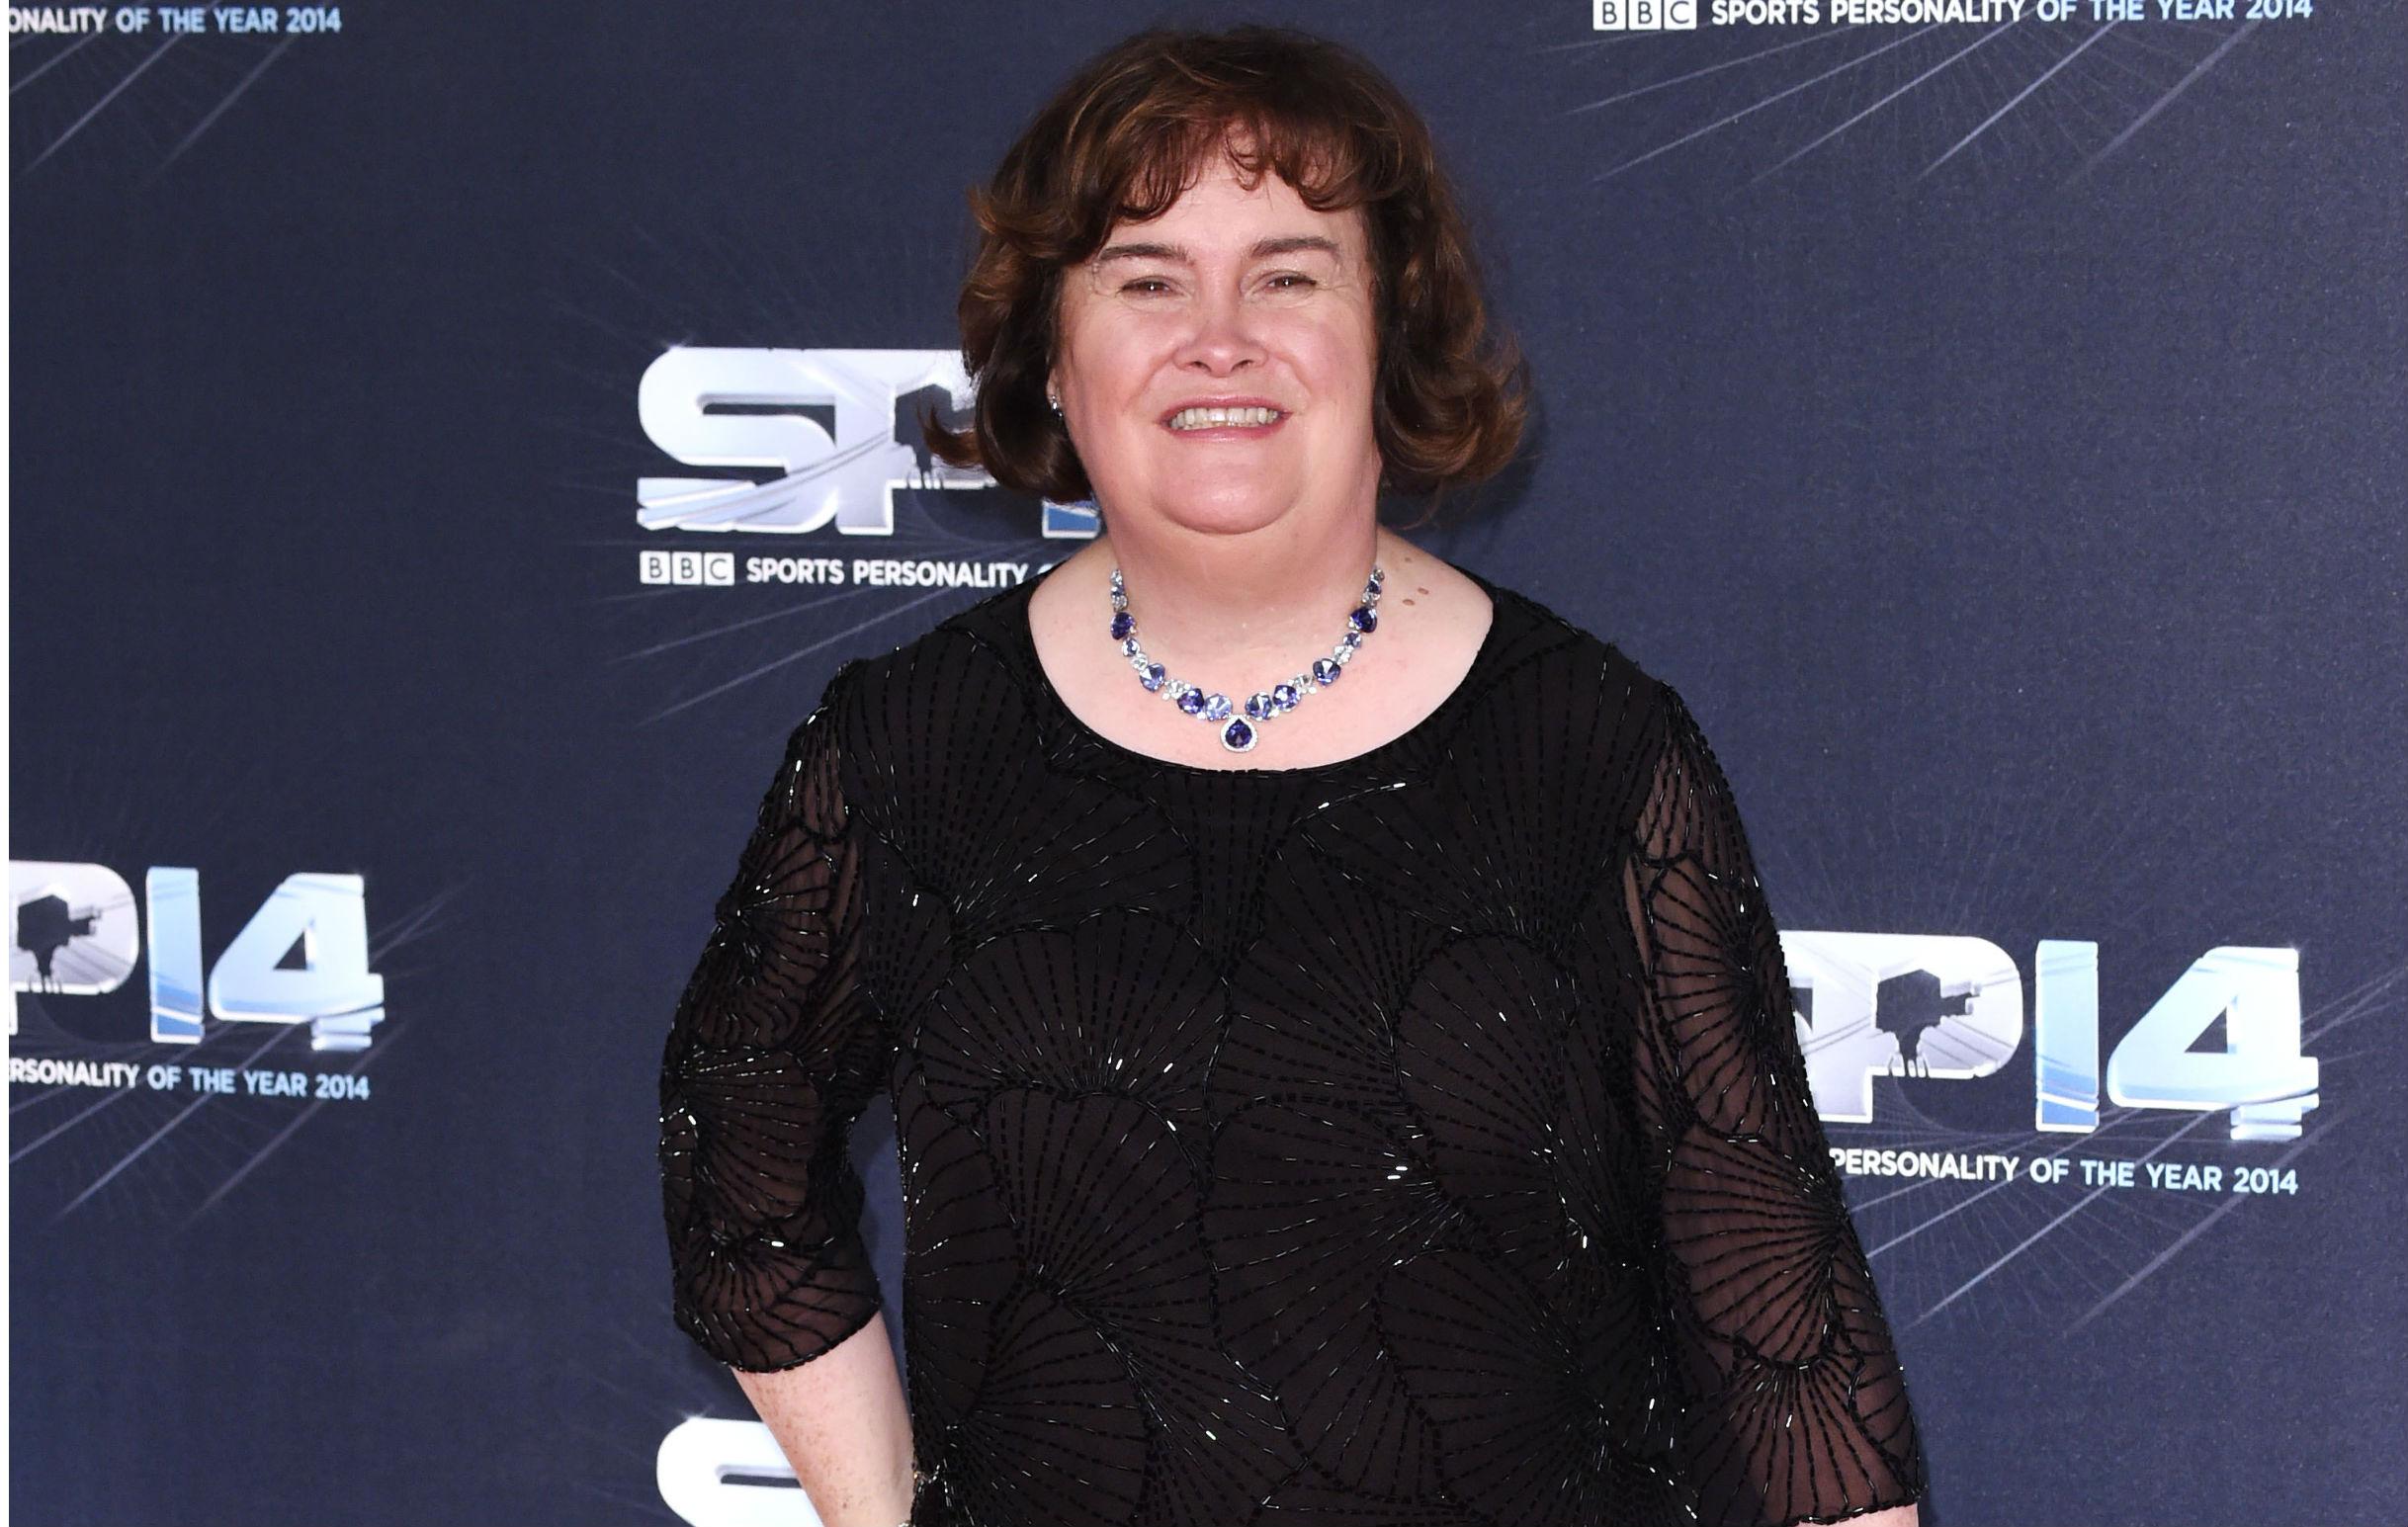 Susan Boyle, Britain's Got Talent